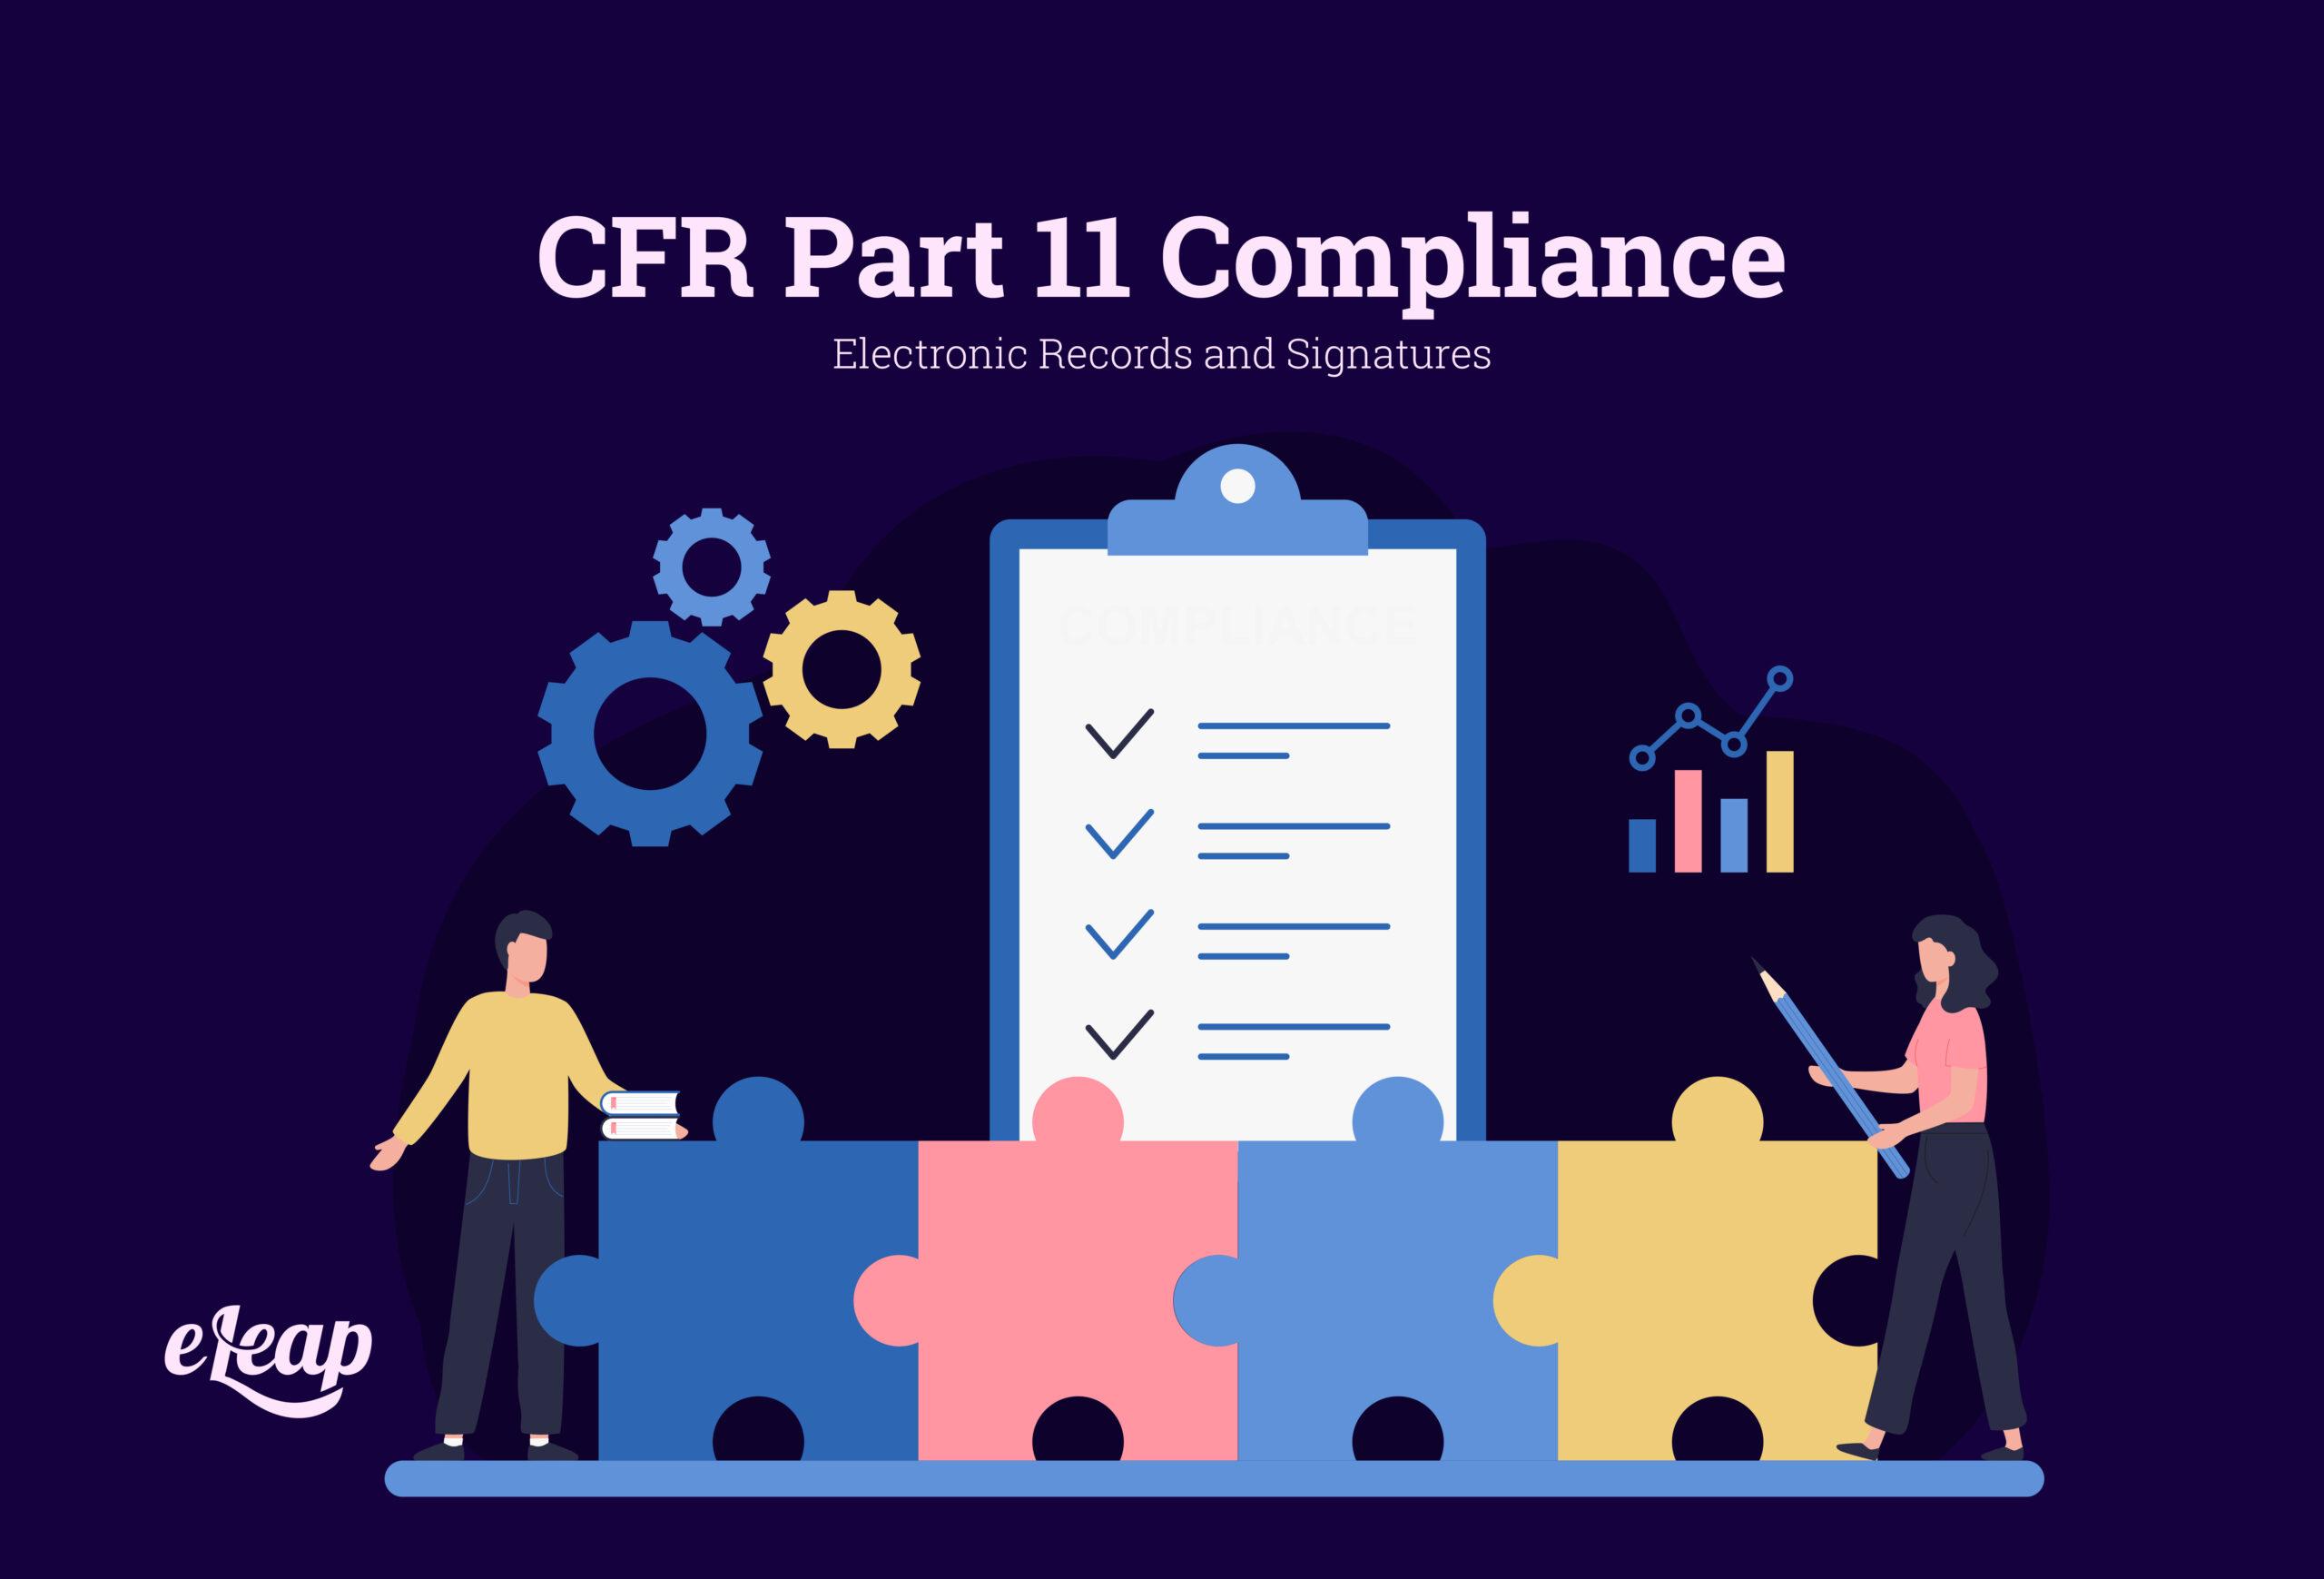 CFR Part 11 Compliance